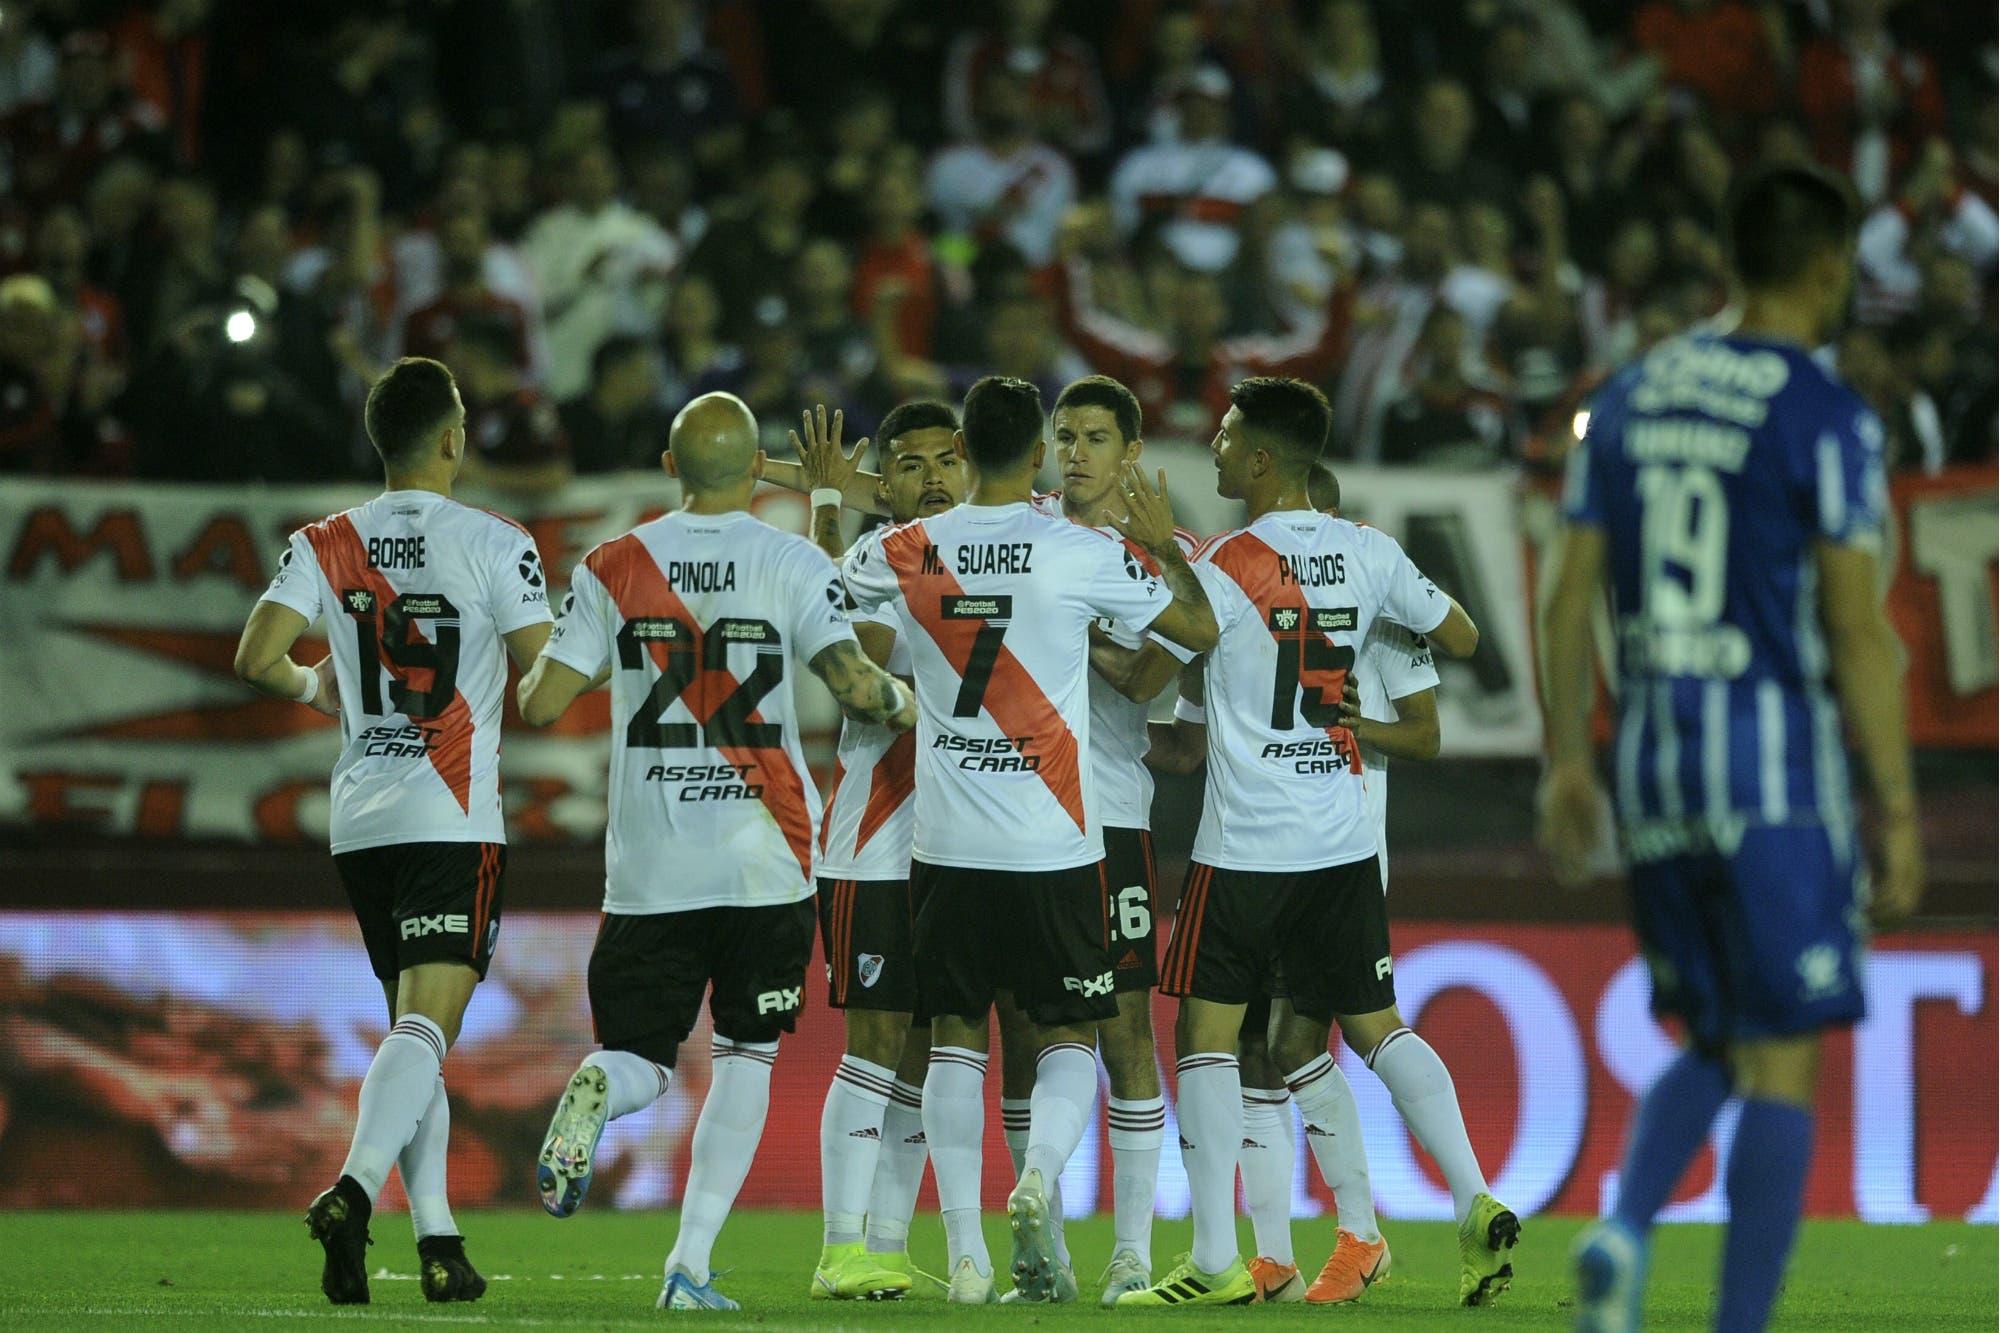 Un trámite: River venció a Godoy Cruz y avanzó a los cuartos de final de la Copa Argentina